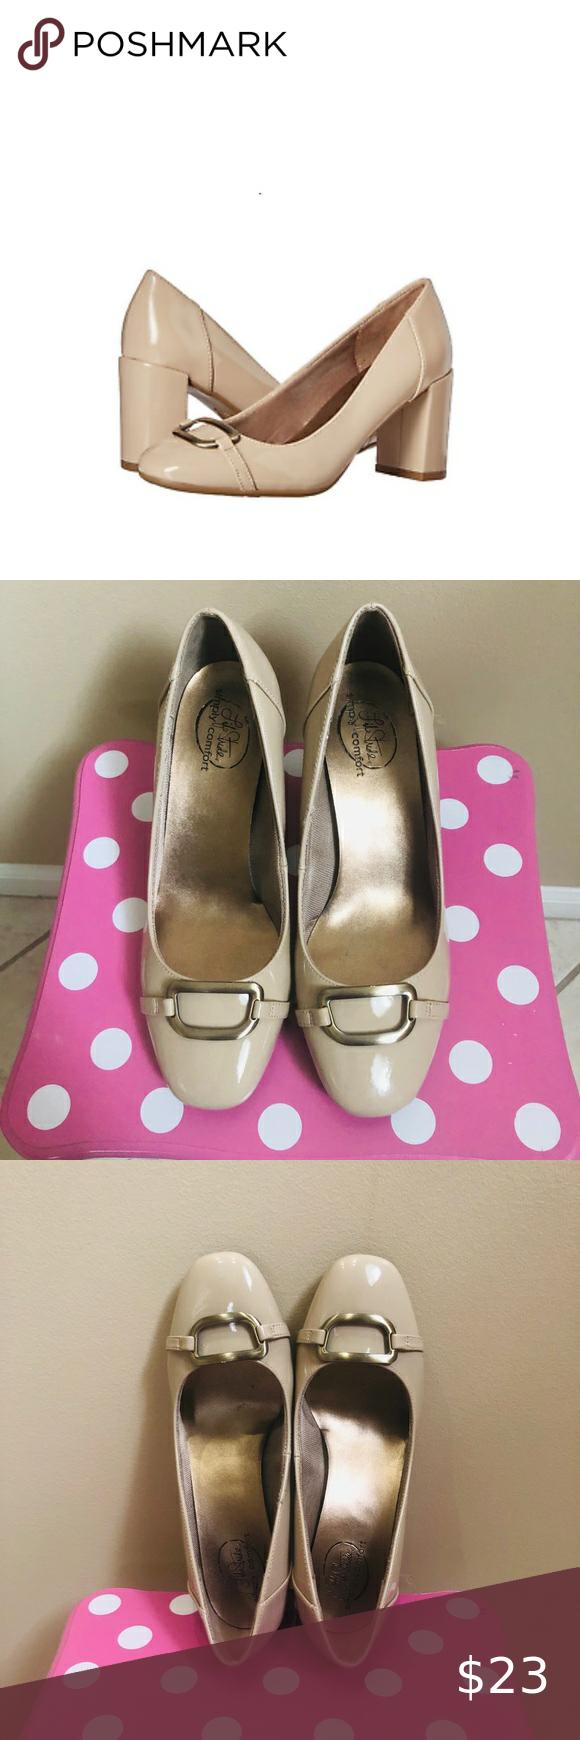 Pin by Scott Mackie on Toes in 2021 | Beige sandals heels